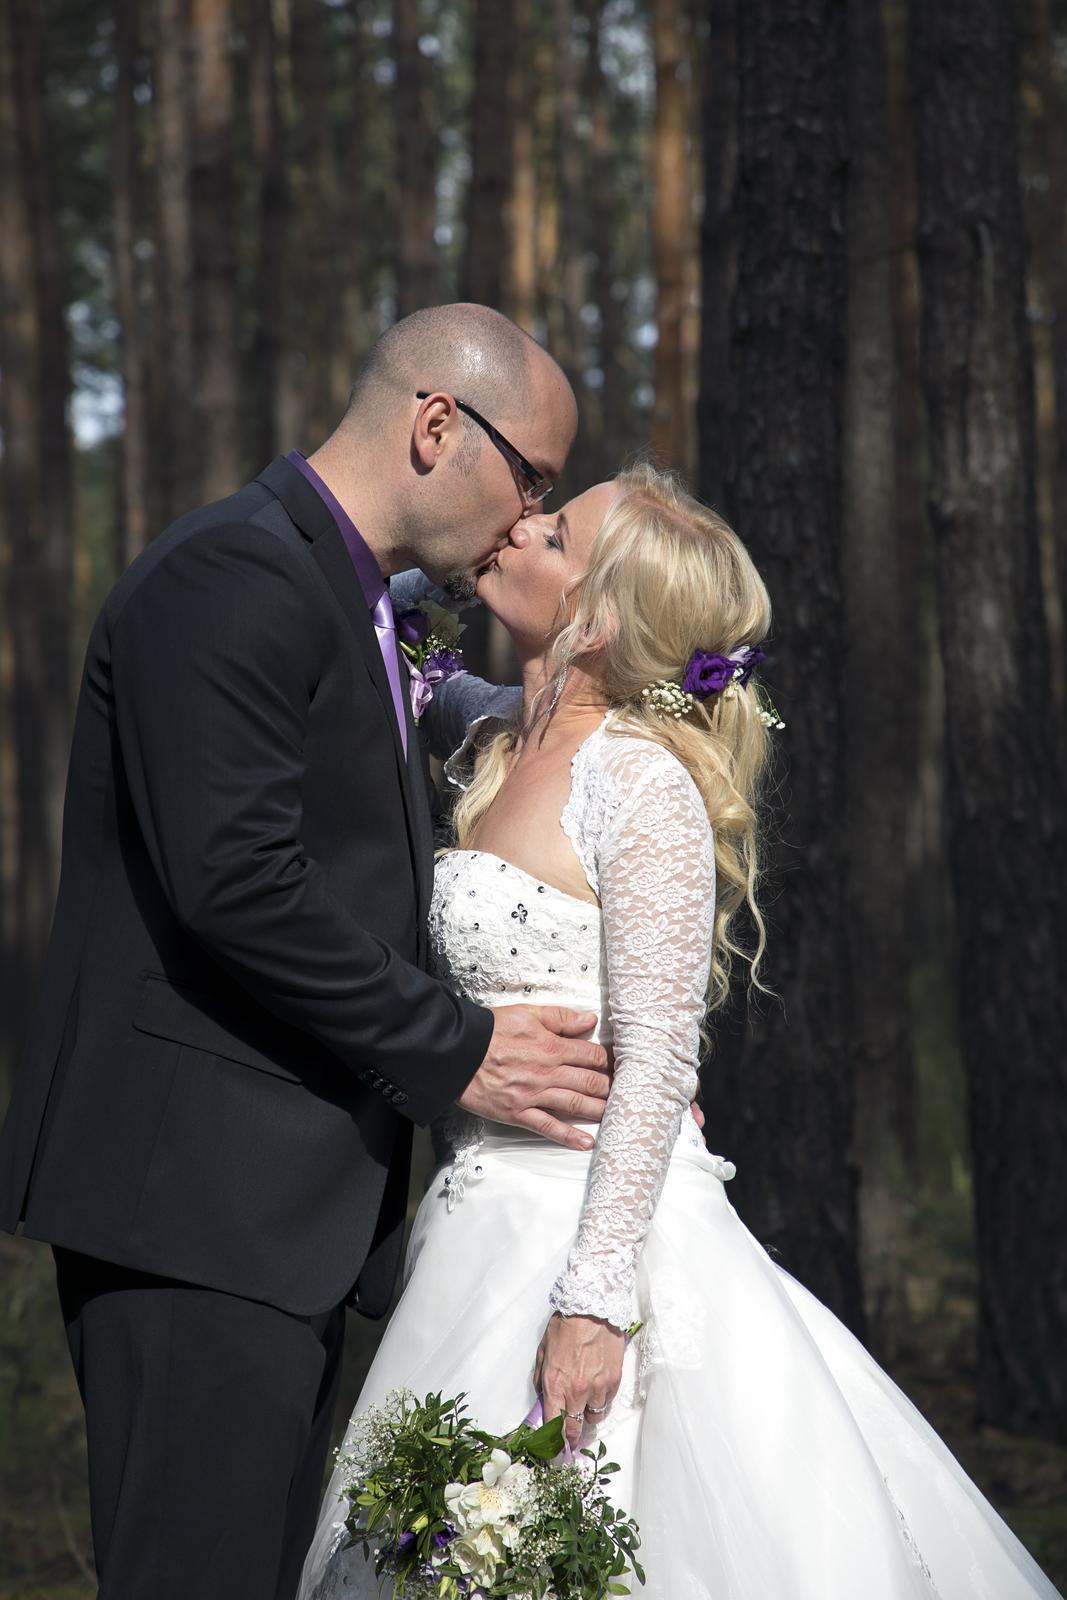 19.5.2018 svatba Lhota - Obrázek č. 4